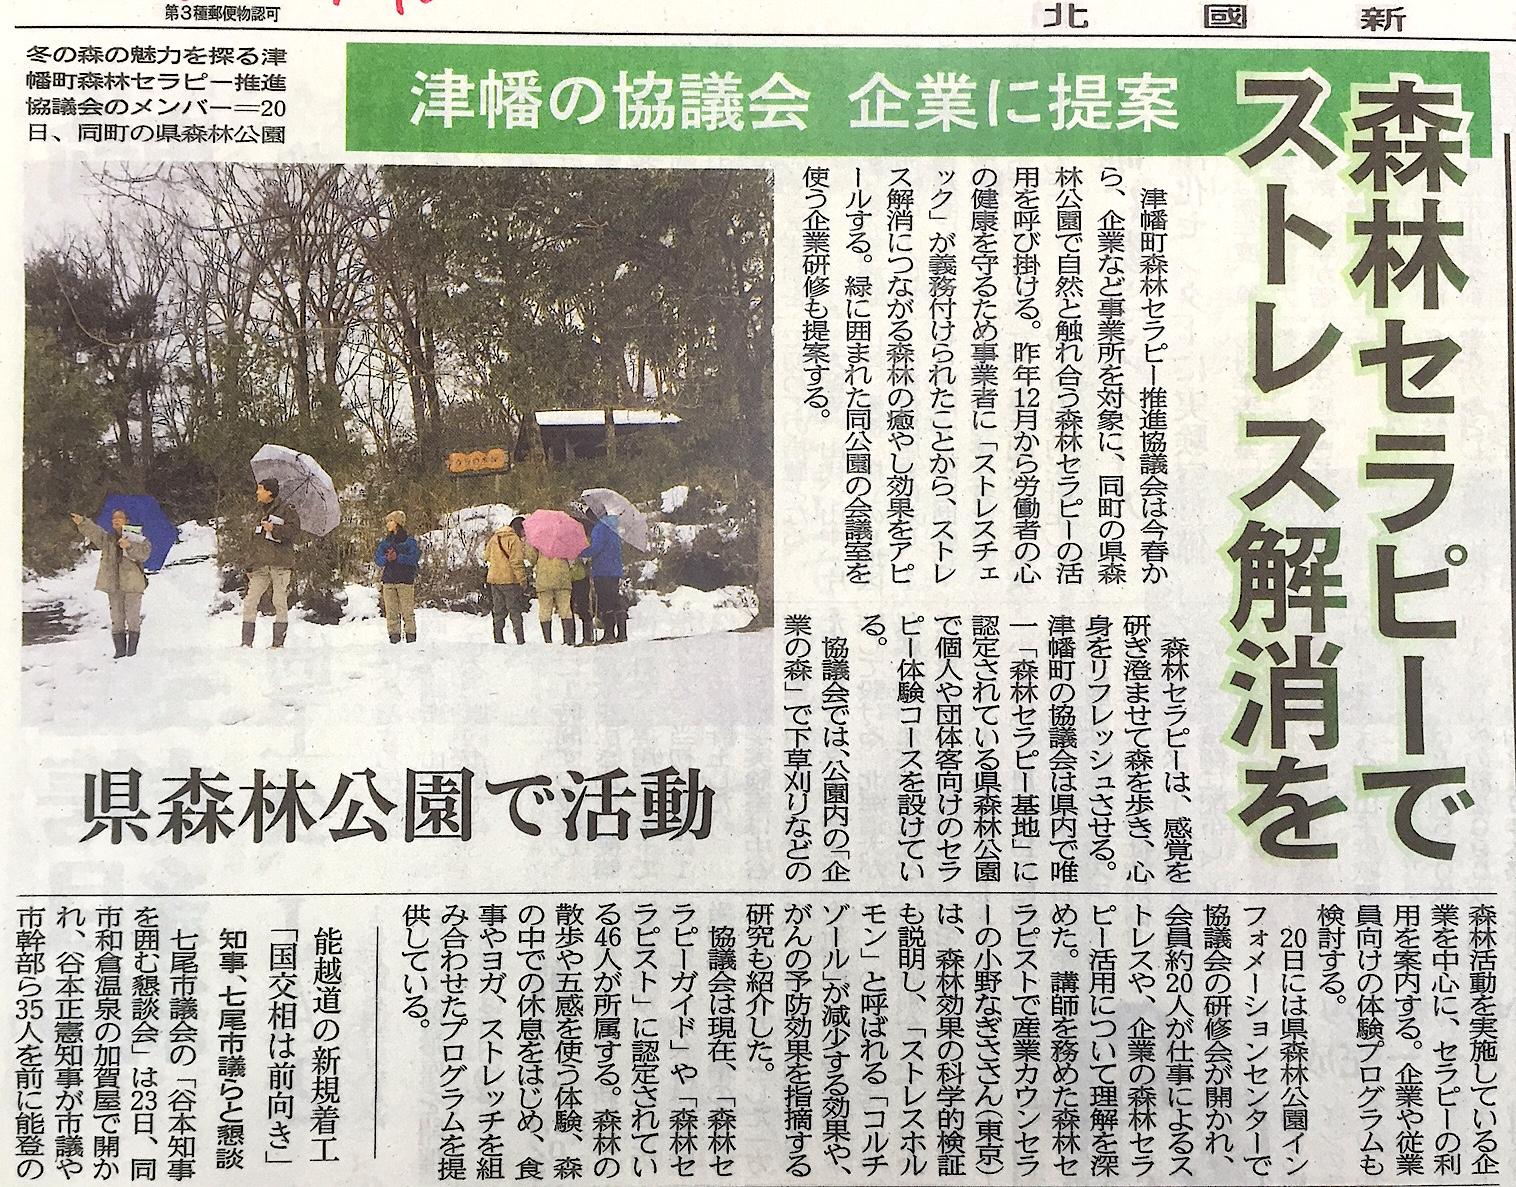 【2016.2.24】北國新聞掲載記事